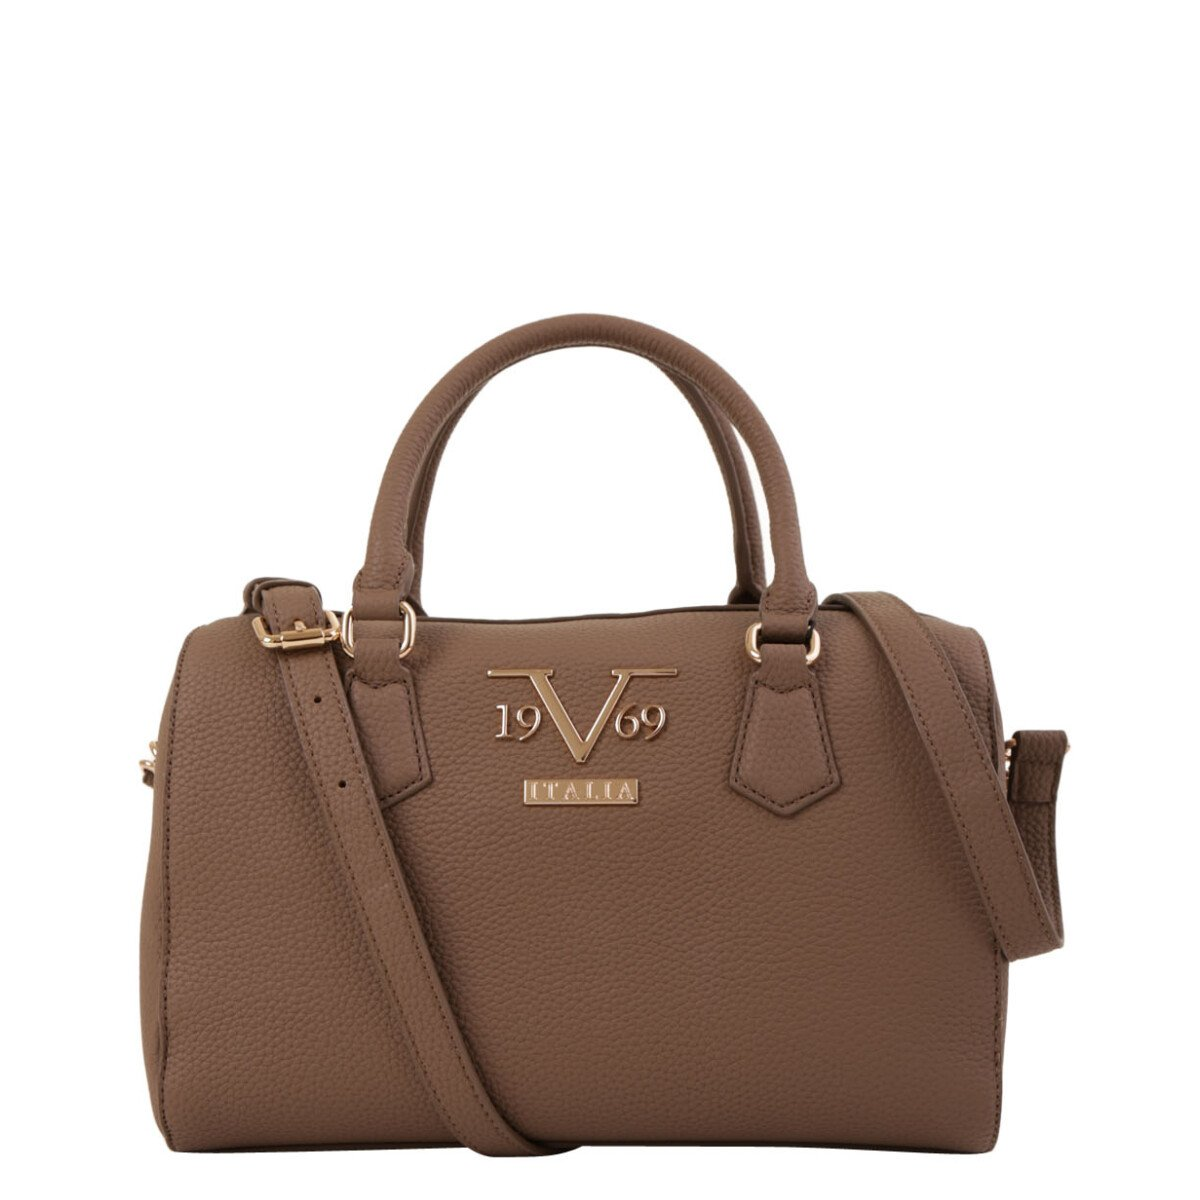 19v69 Italia Women's Handbag Various Colours 319009 - beige UNICA